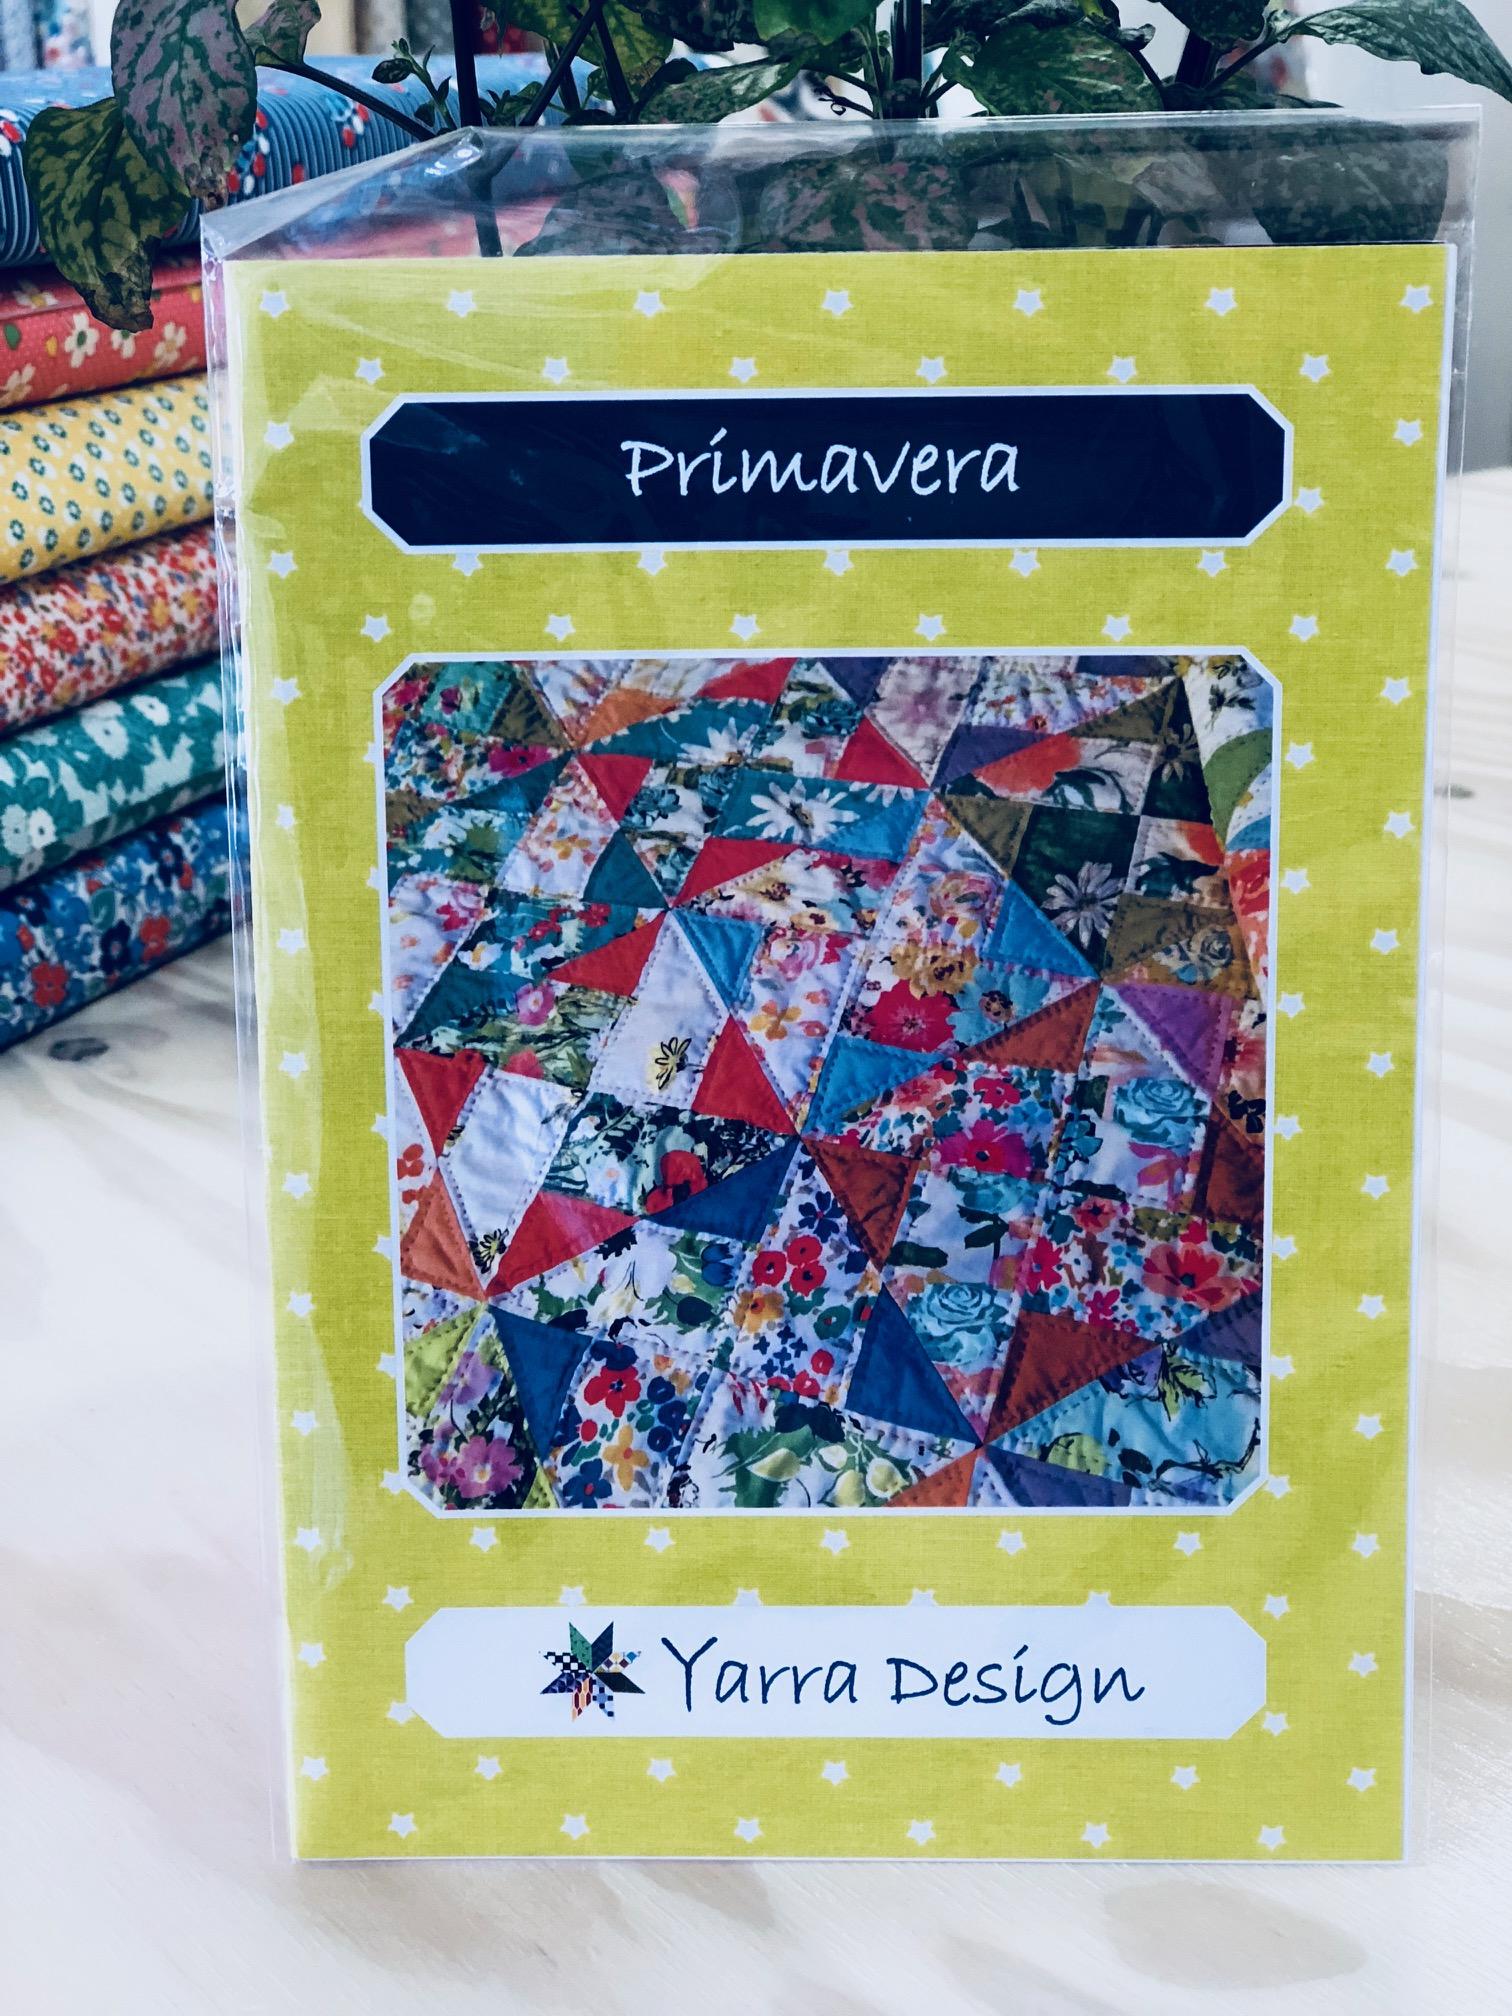 Yarra Design - Primavera